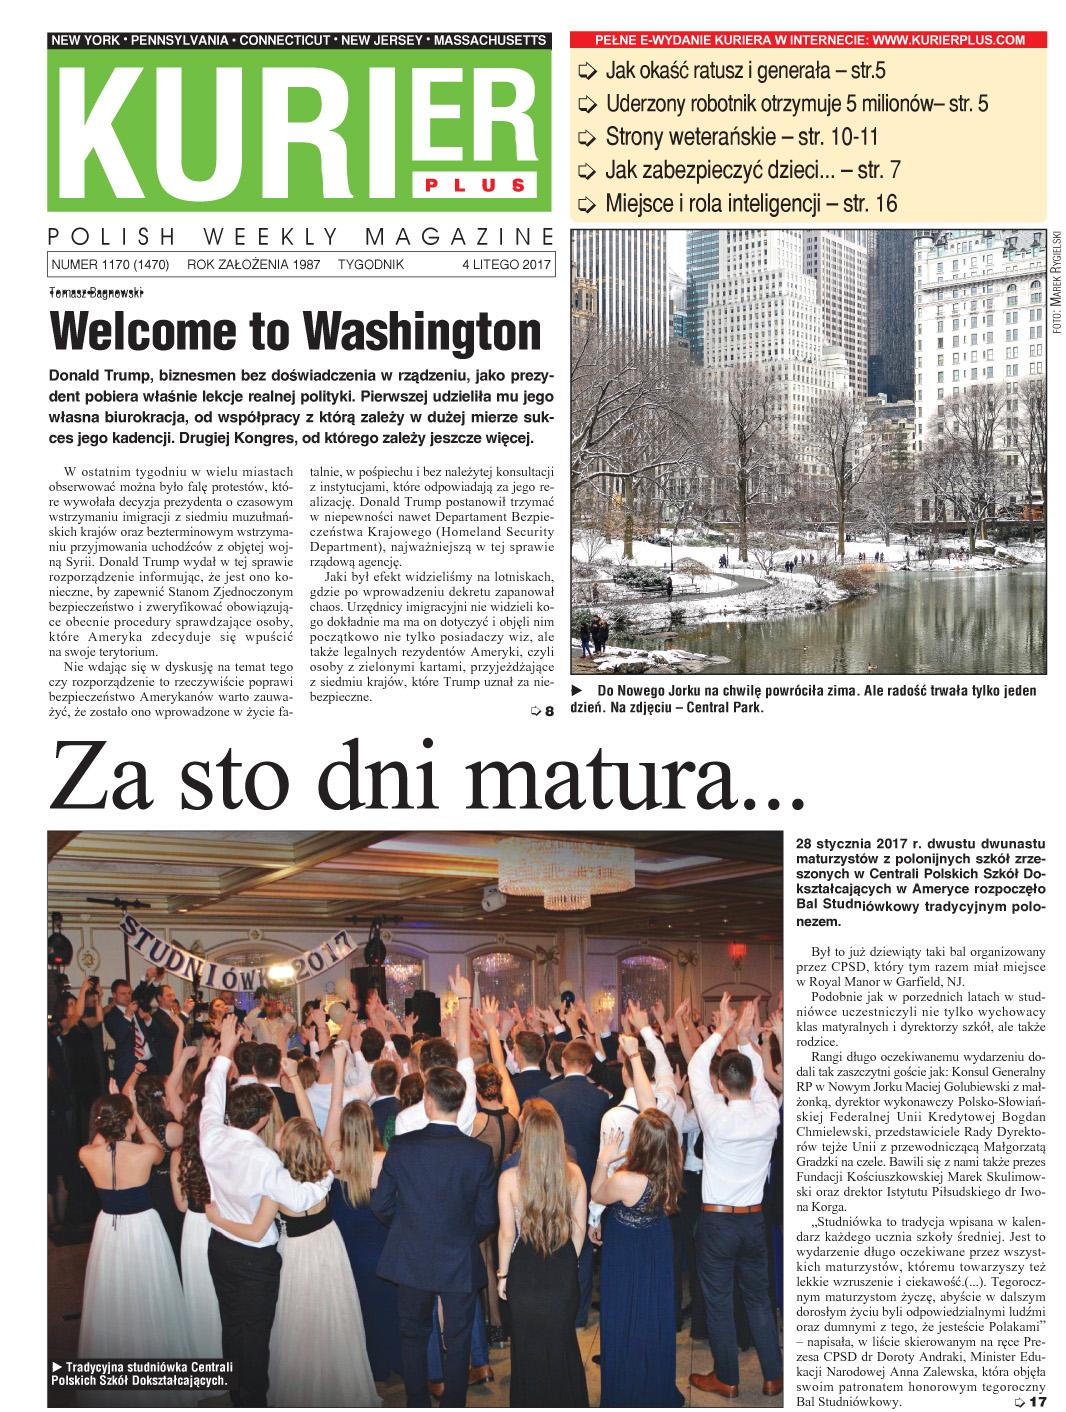 Kurier Plus - w-wydanie 4 lutego 2017